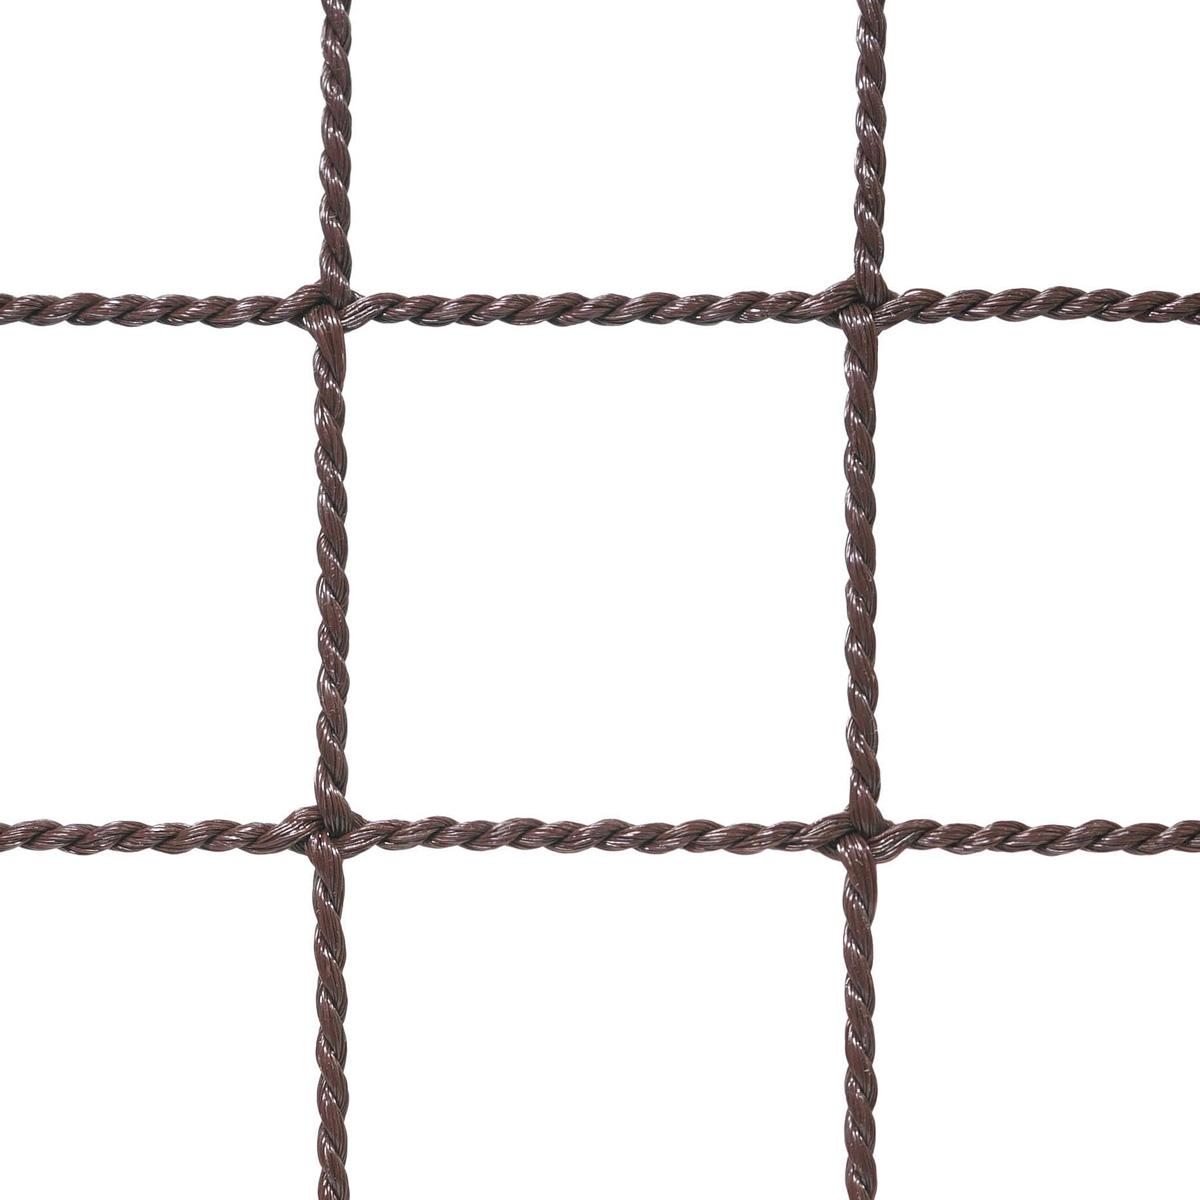 〈ヨリ線ネット37.5〉目合い:37.5mm カラー:ブラウン